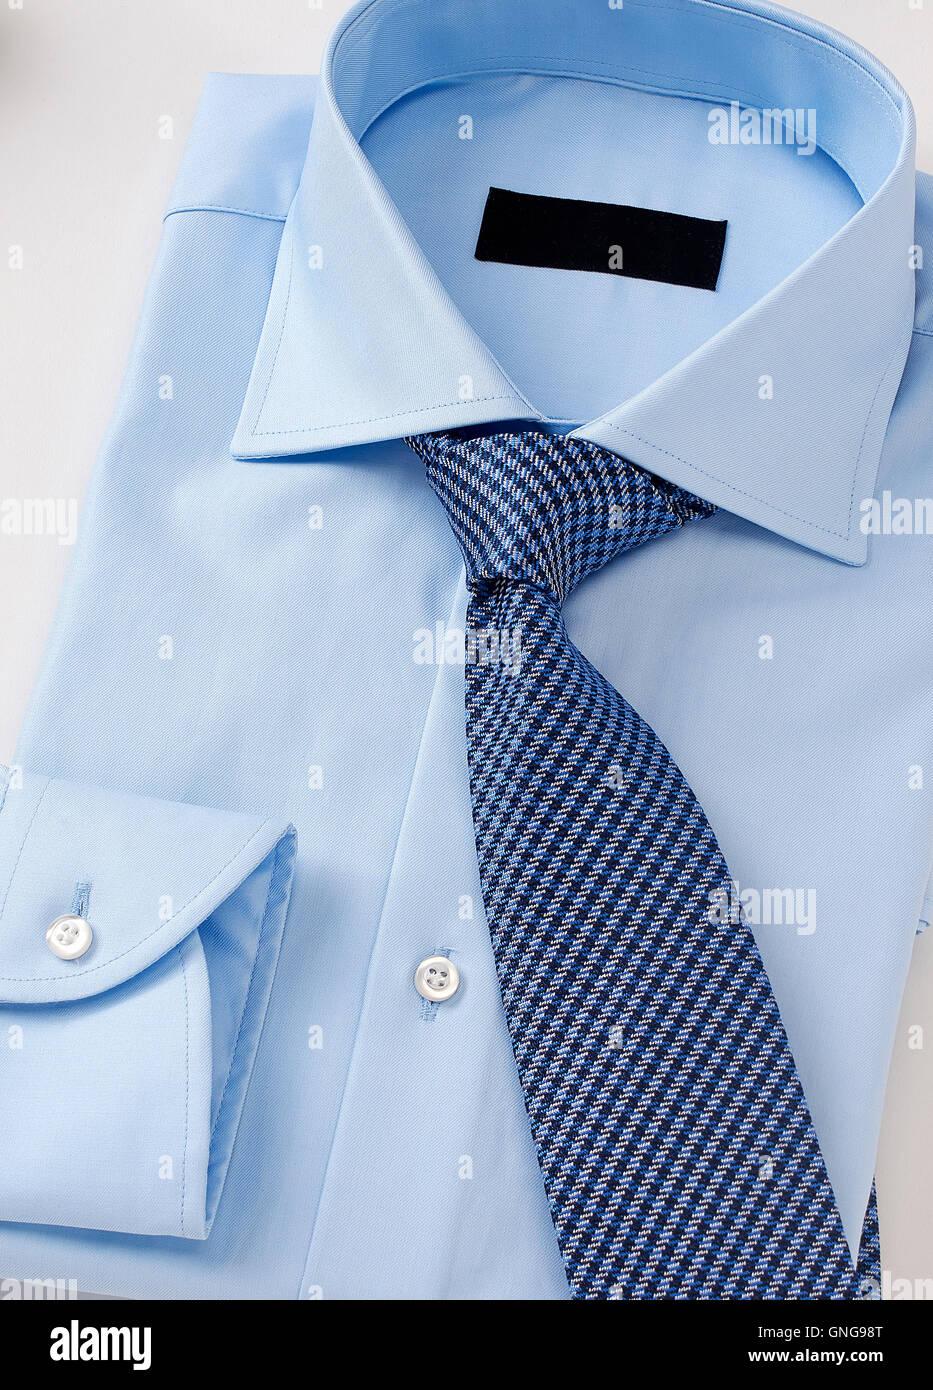 Männer Hemd mit Krawatte auf weiße Kleidung. Stockbild